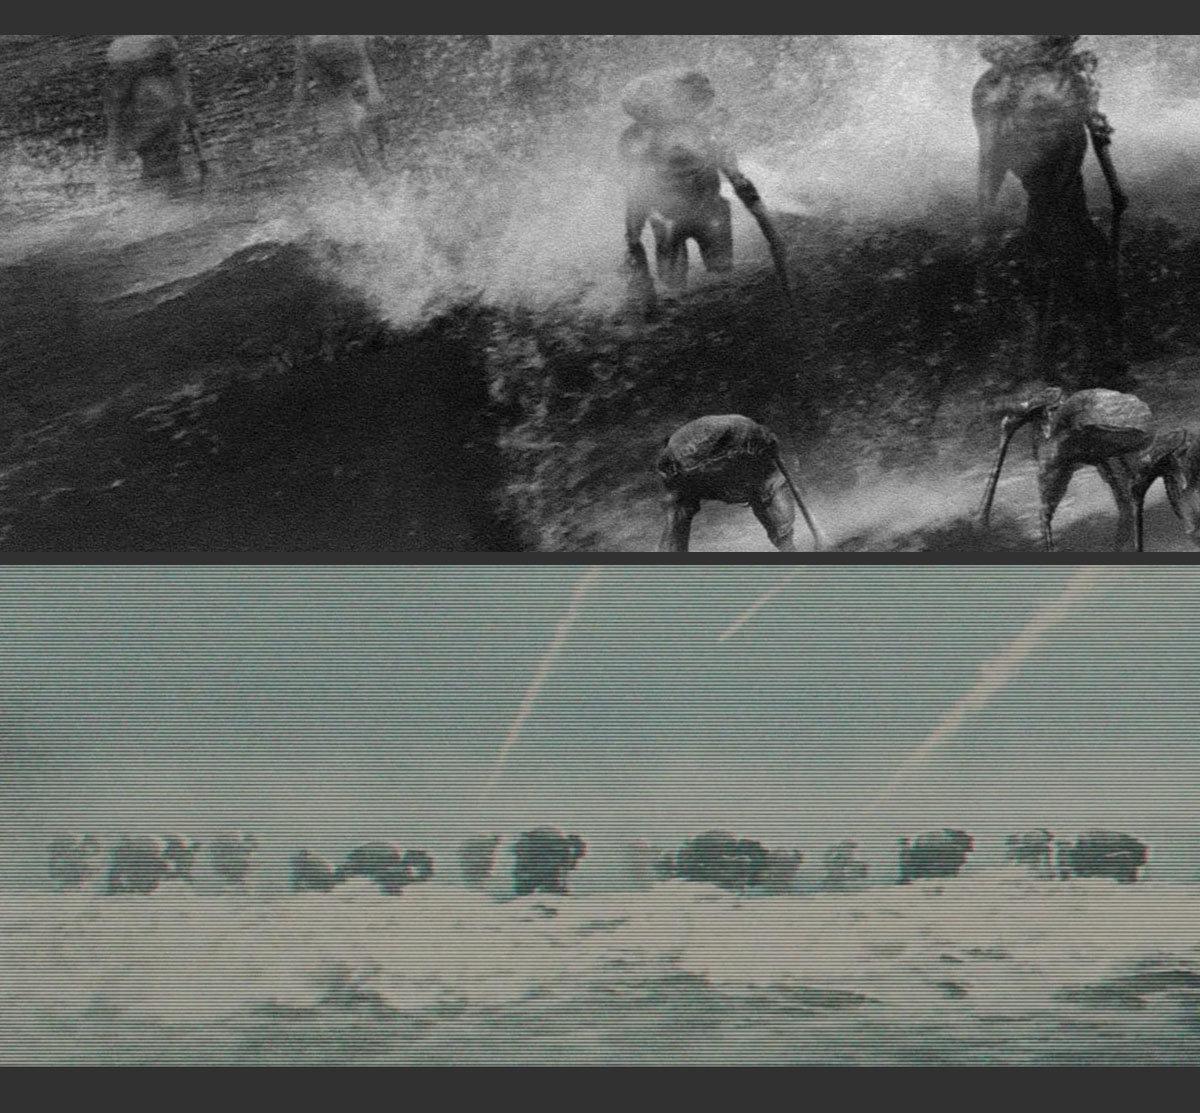 Paul gerrard surfsup